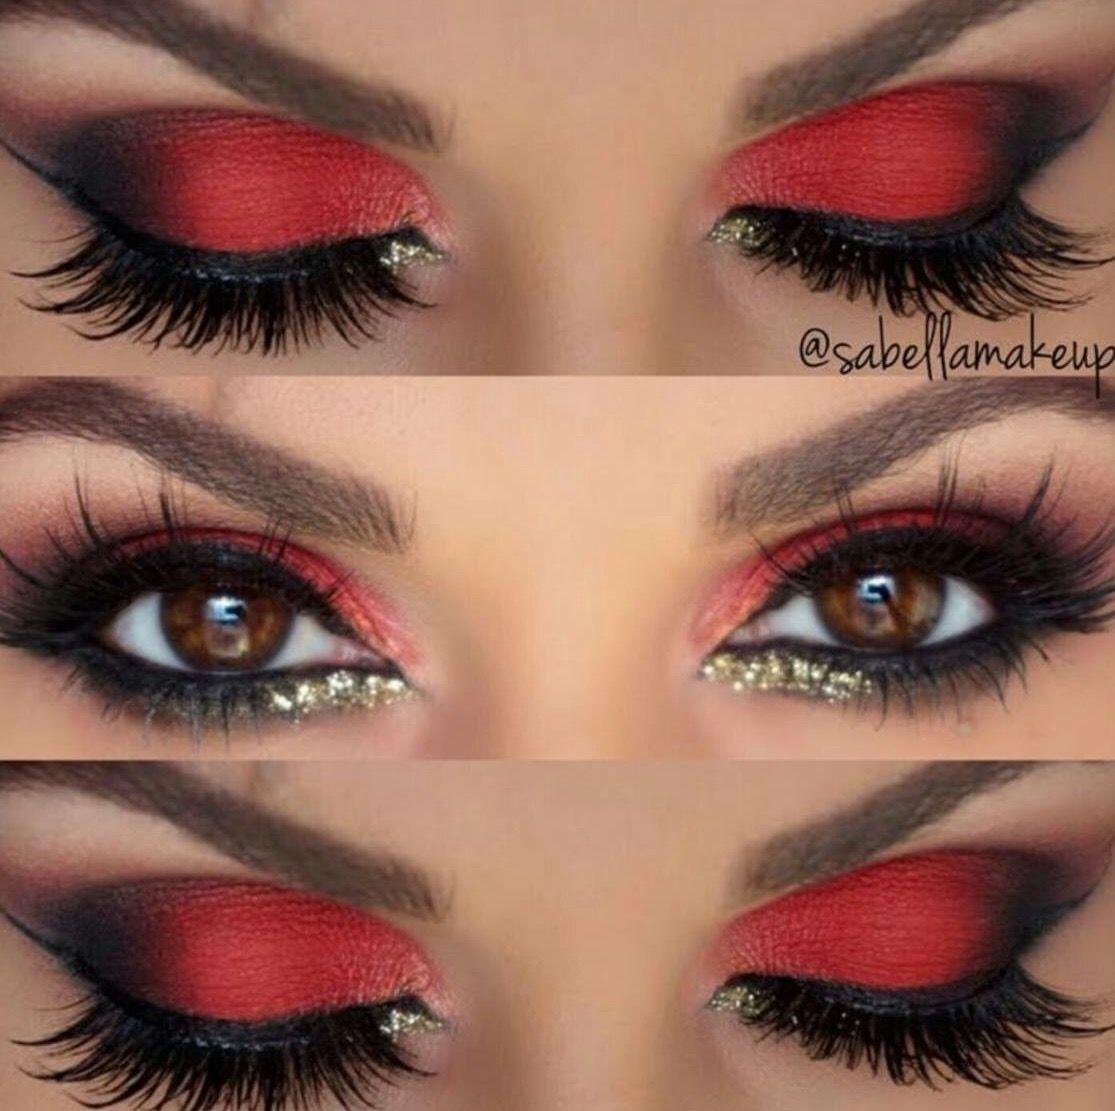 Pin on Metallic & Glittery Makeup Looks